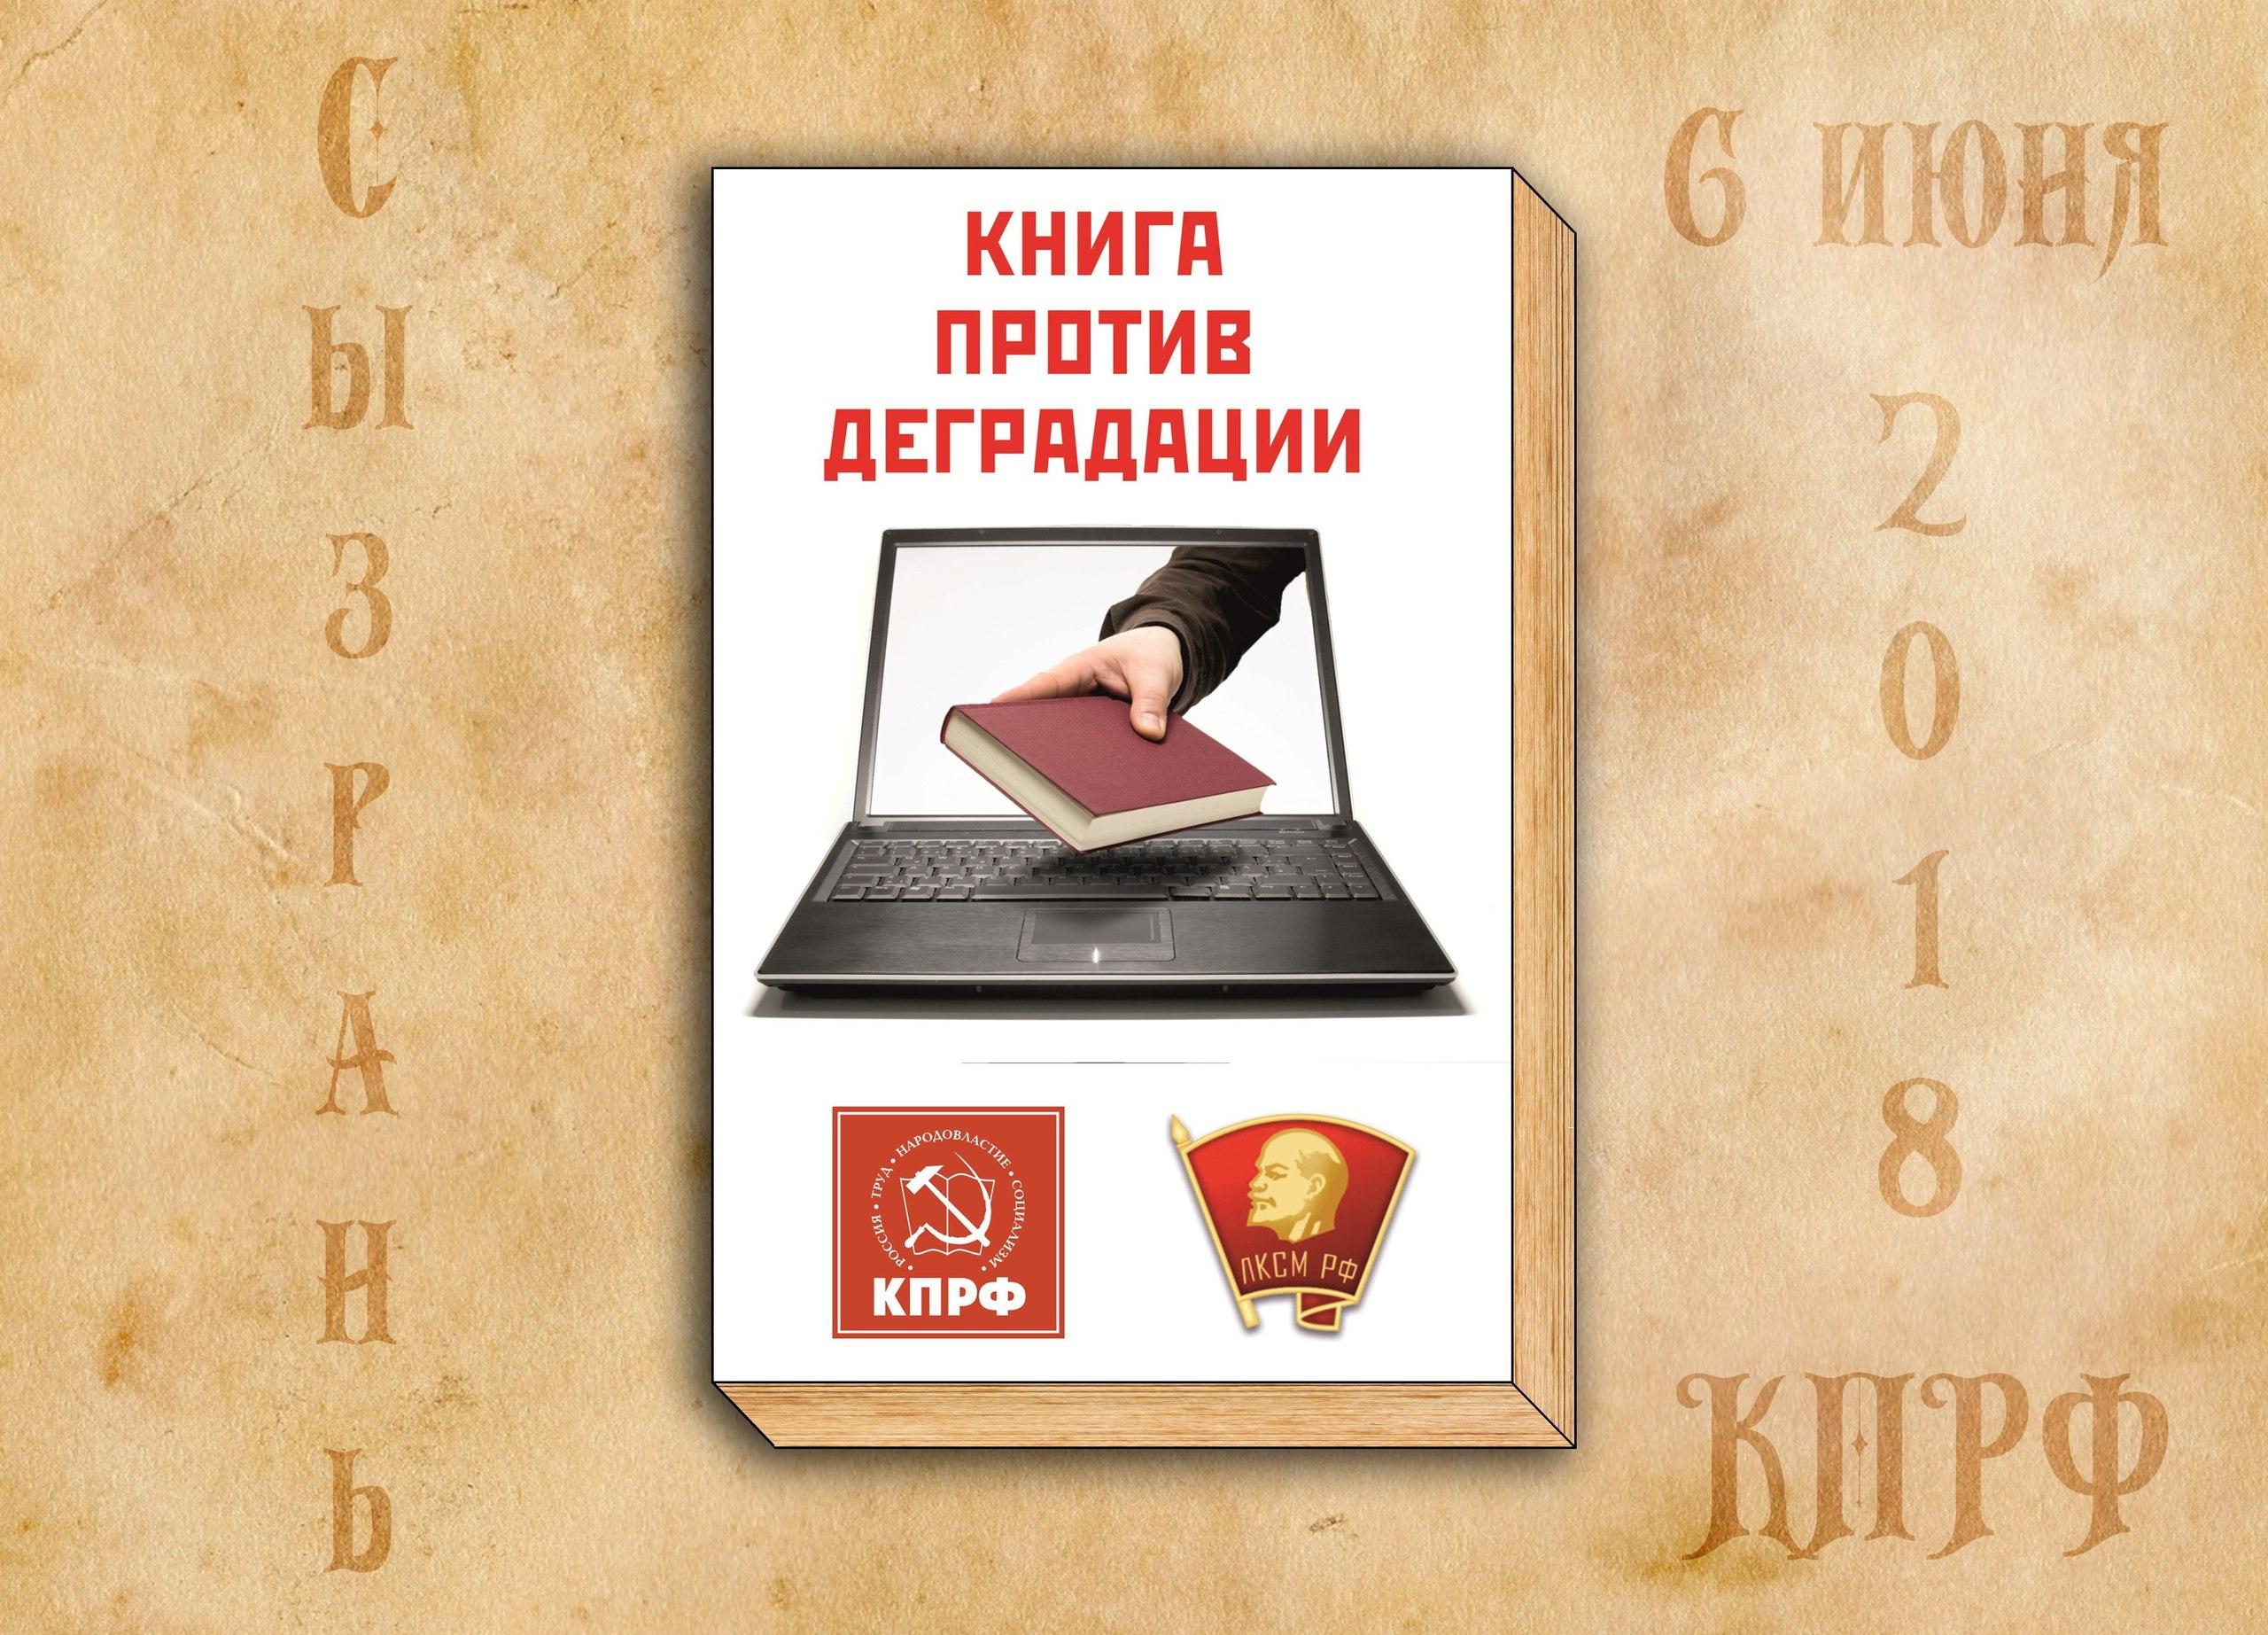 Анонс акции Книга против деградации 2018 Сызрань